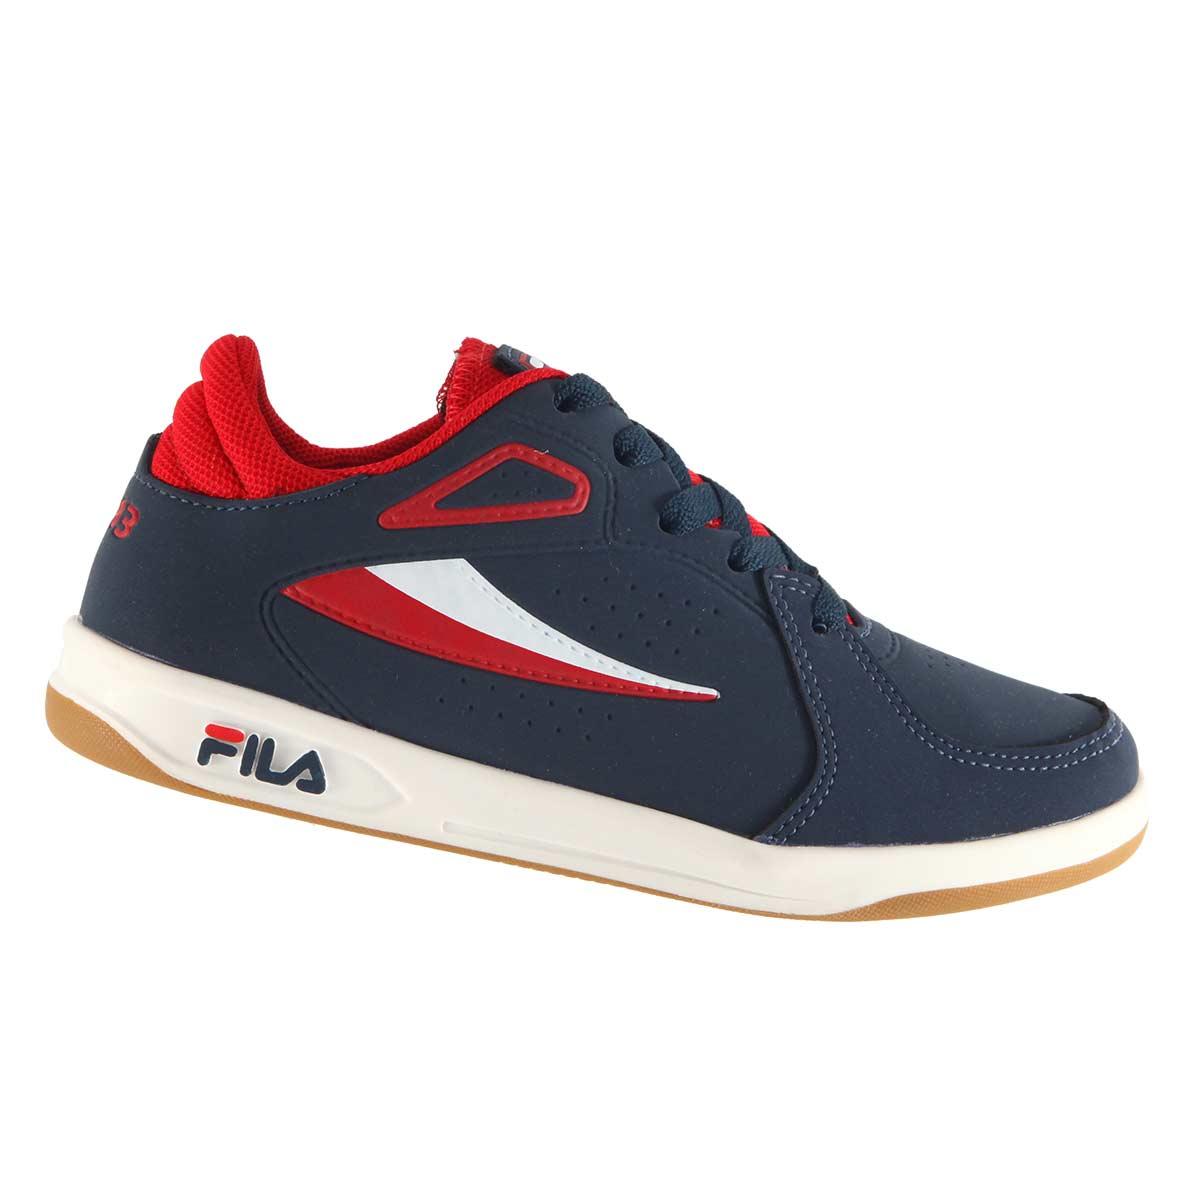 Tenis Fila FX-83 Infantil 697444